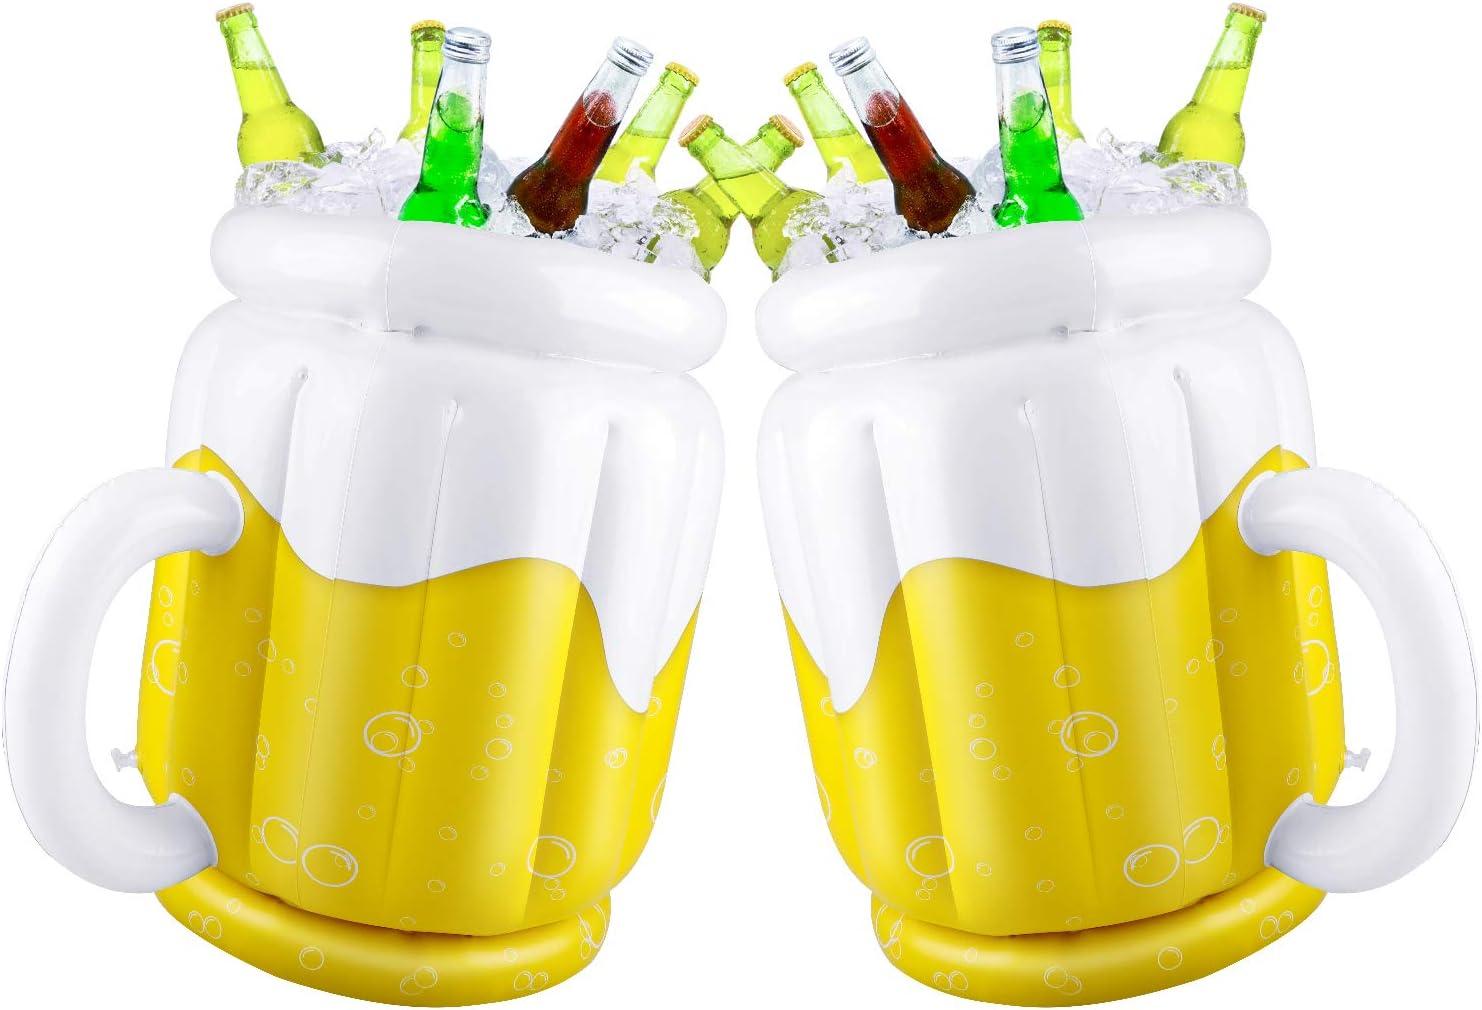 Pack de 2 cubos de cerveza inflables para fiestas de verano, tazas enfriadoras de bebidas para hawaiano Luau piscina playa temática fiesta temática en forma de taza 44 x 32 cm